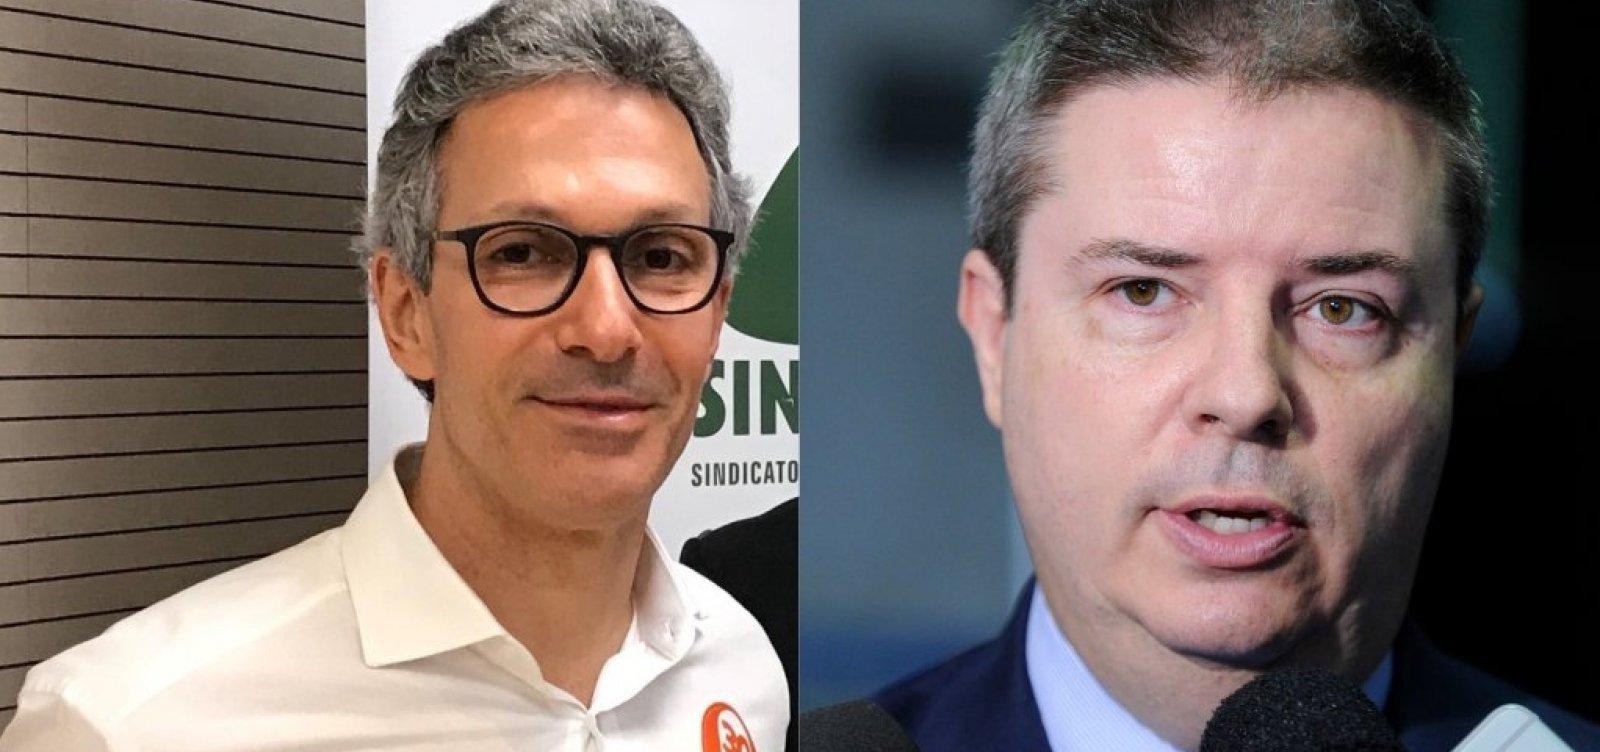 [Boca de urna: Zema lidera com 66% em Minas, segundo Ibope]